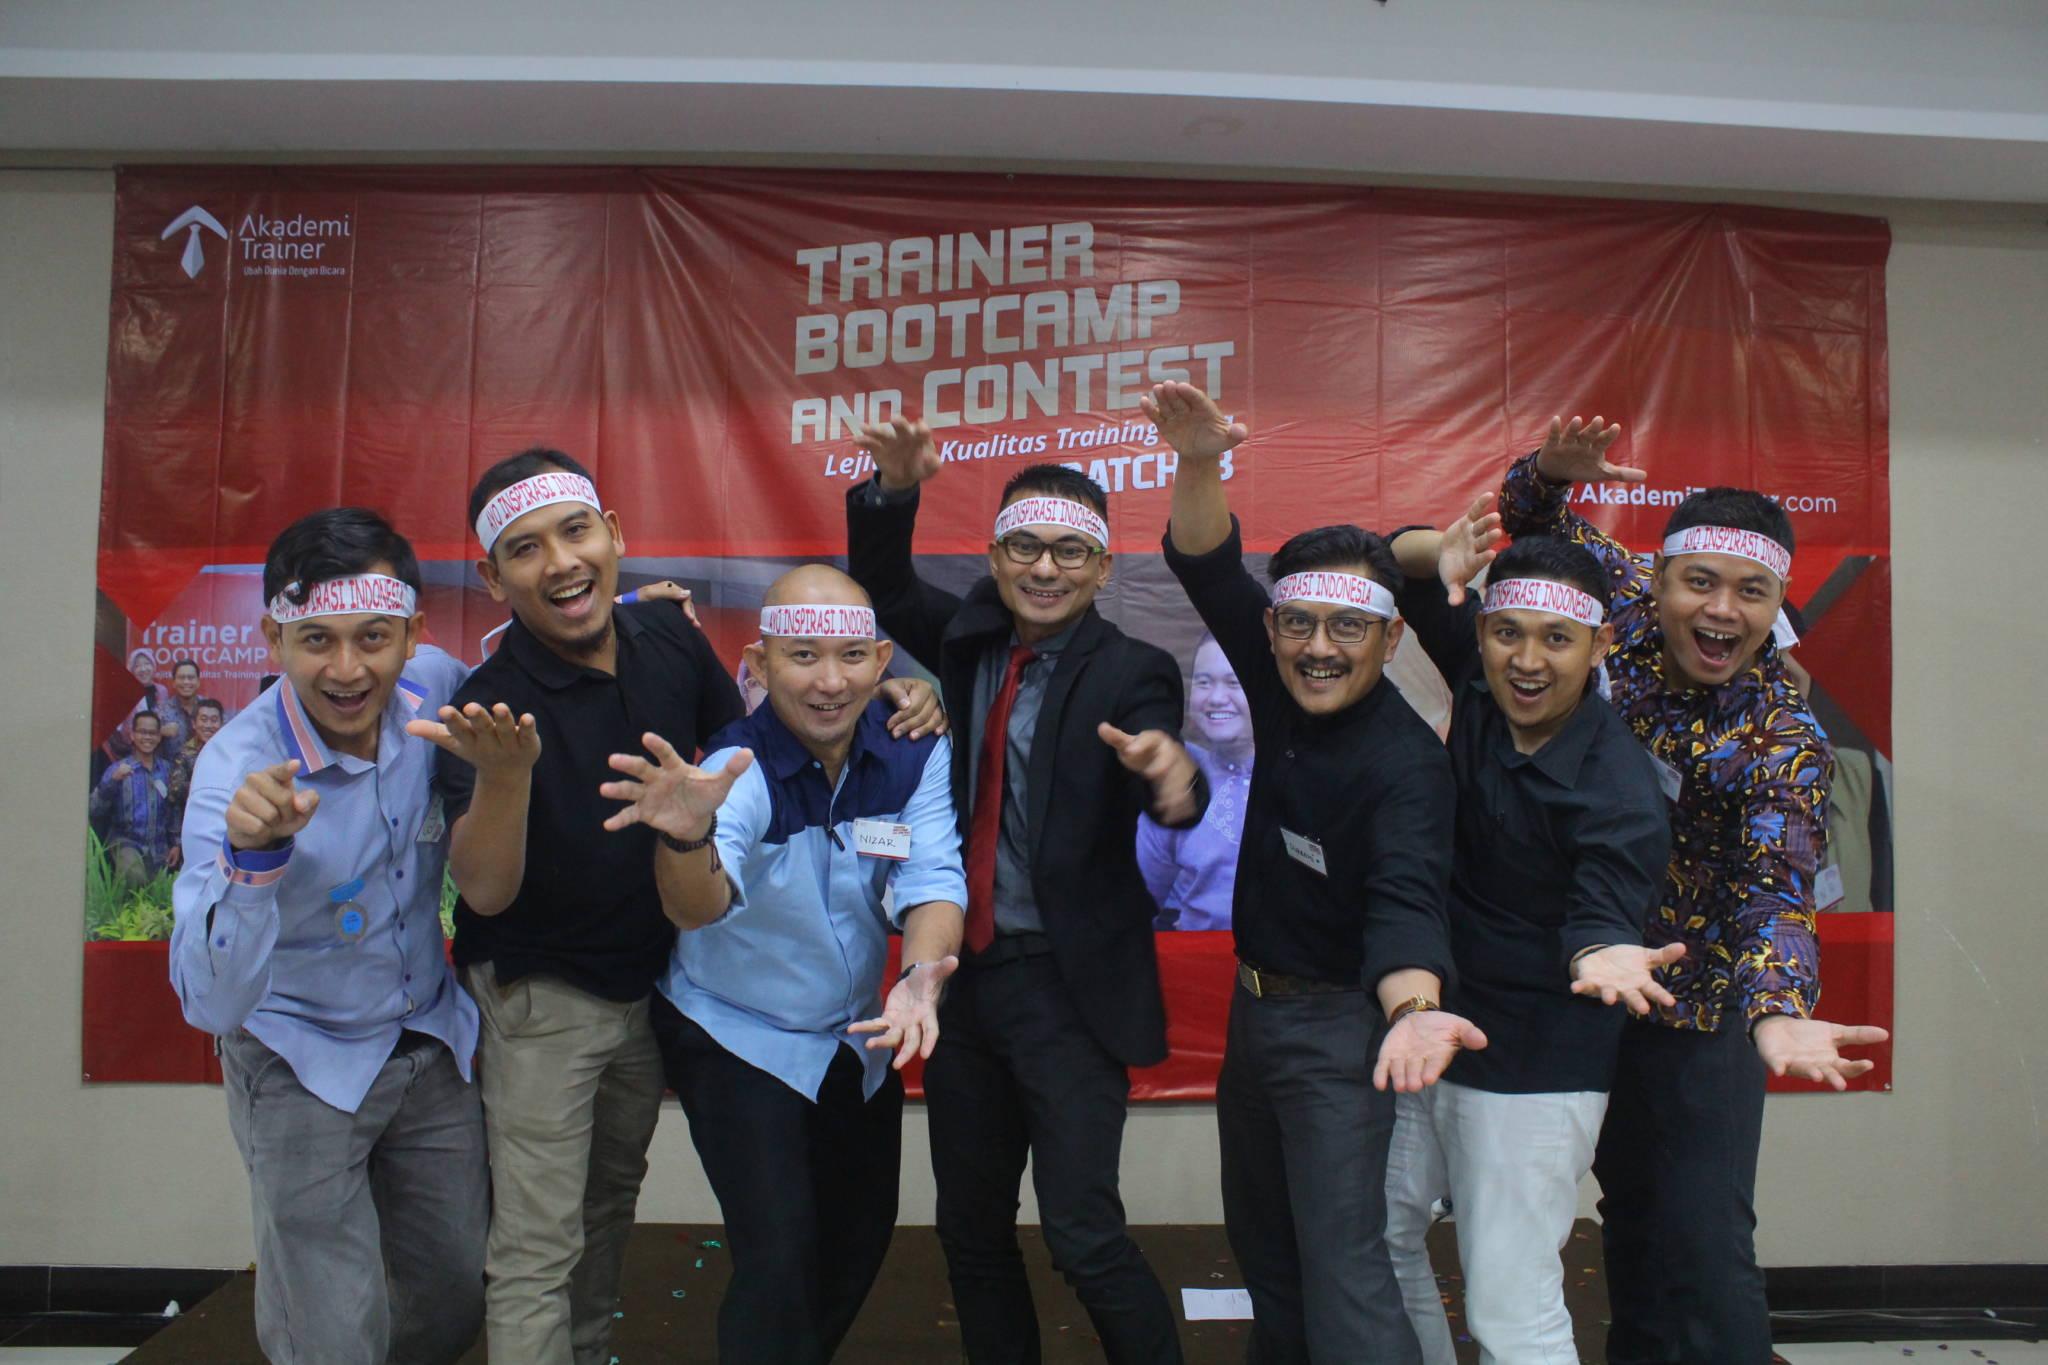 Memproduksi Even Training yang Repeat Order - Corporate Training Indonesia